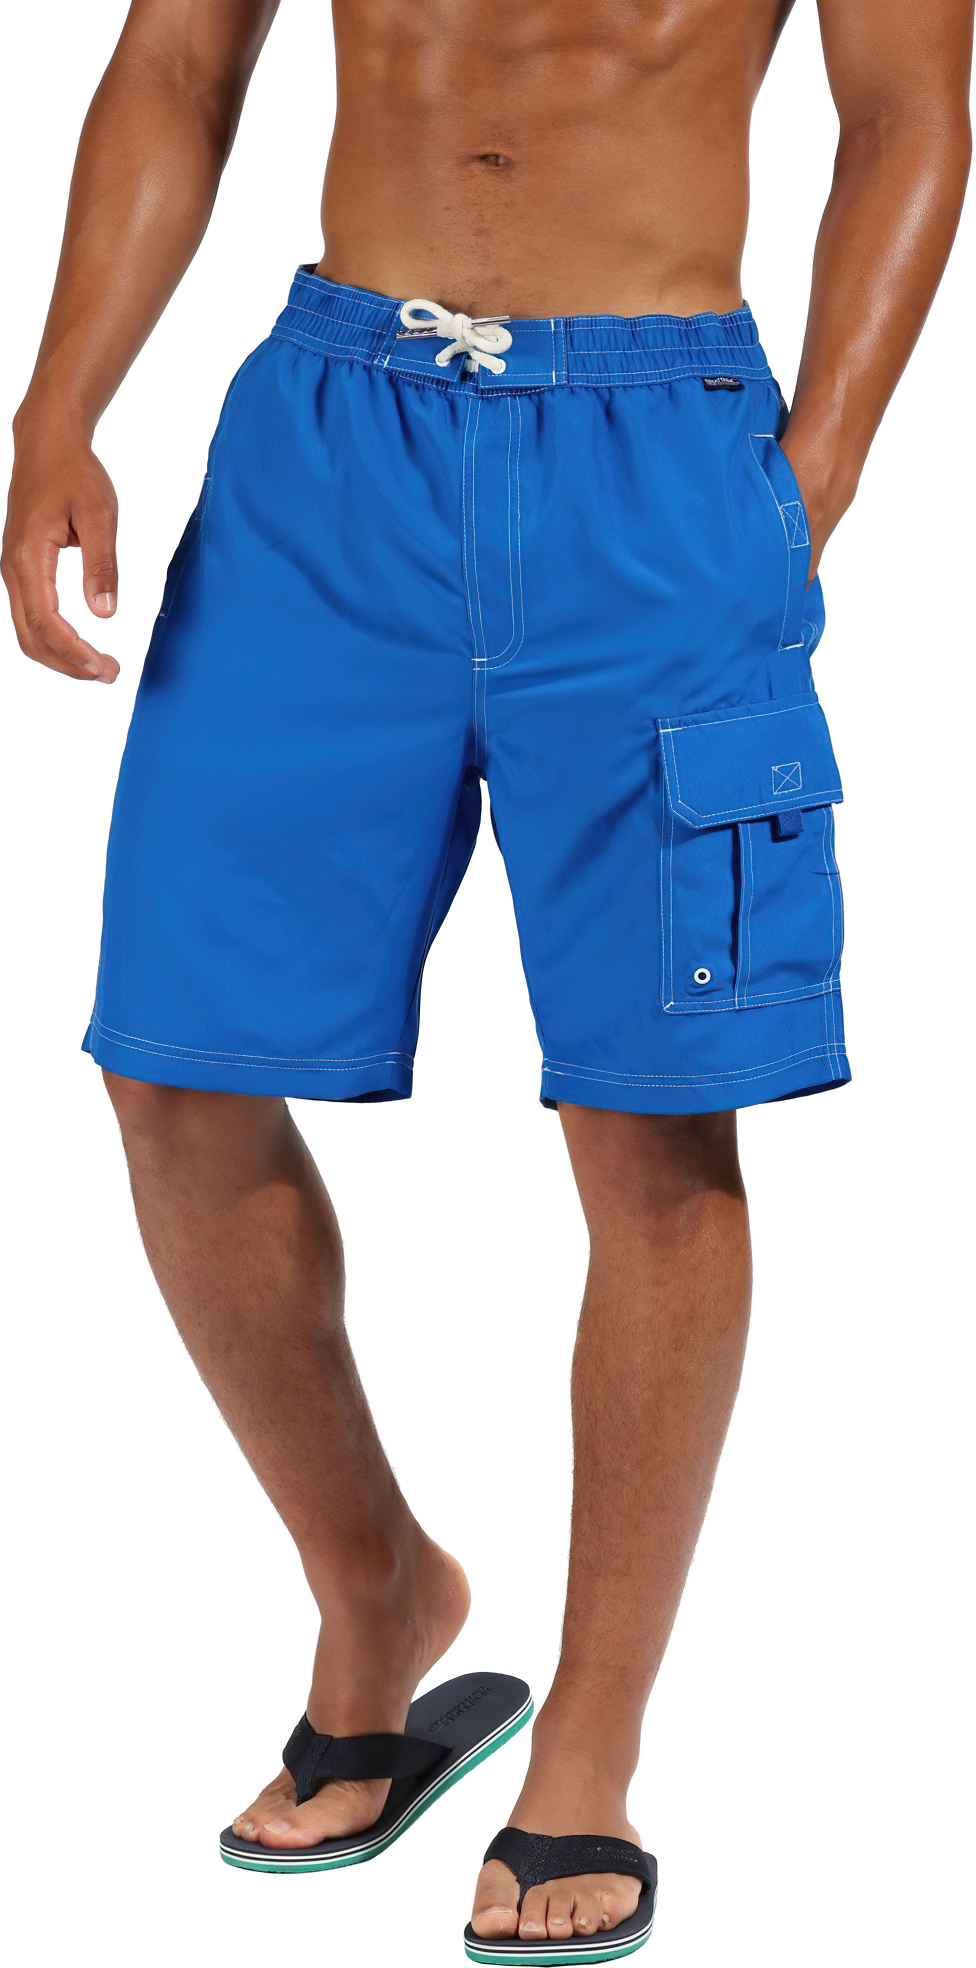 Pánske plavkové šortky Regatta Hotham BdShortIII 15 modré modrá S